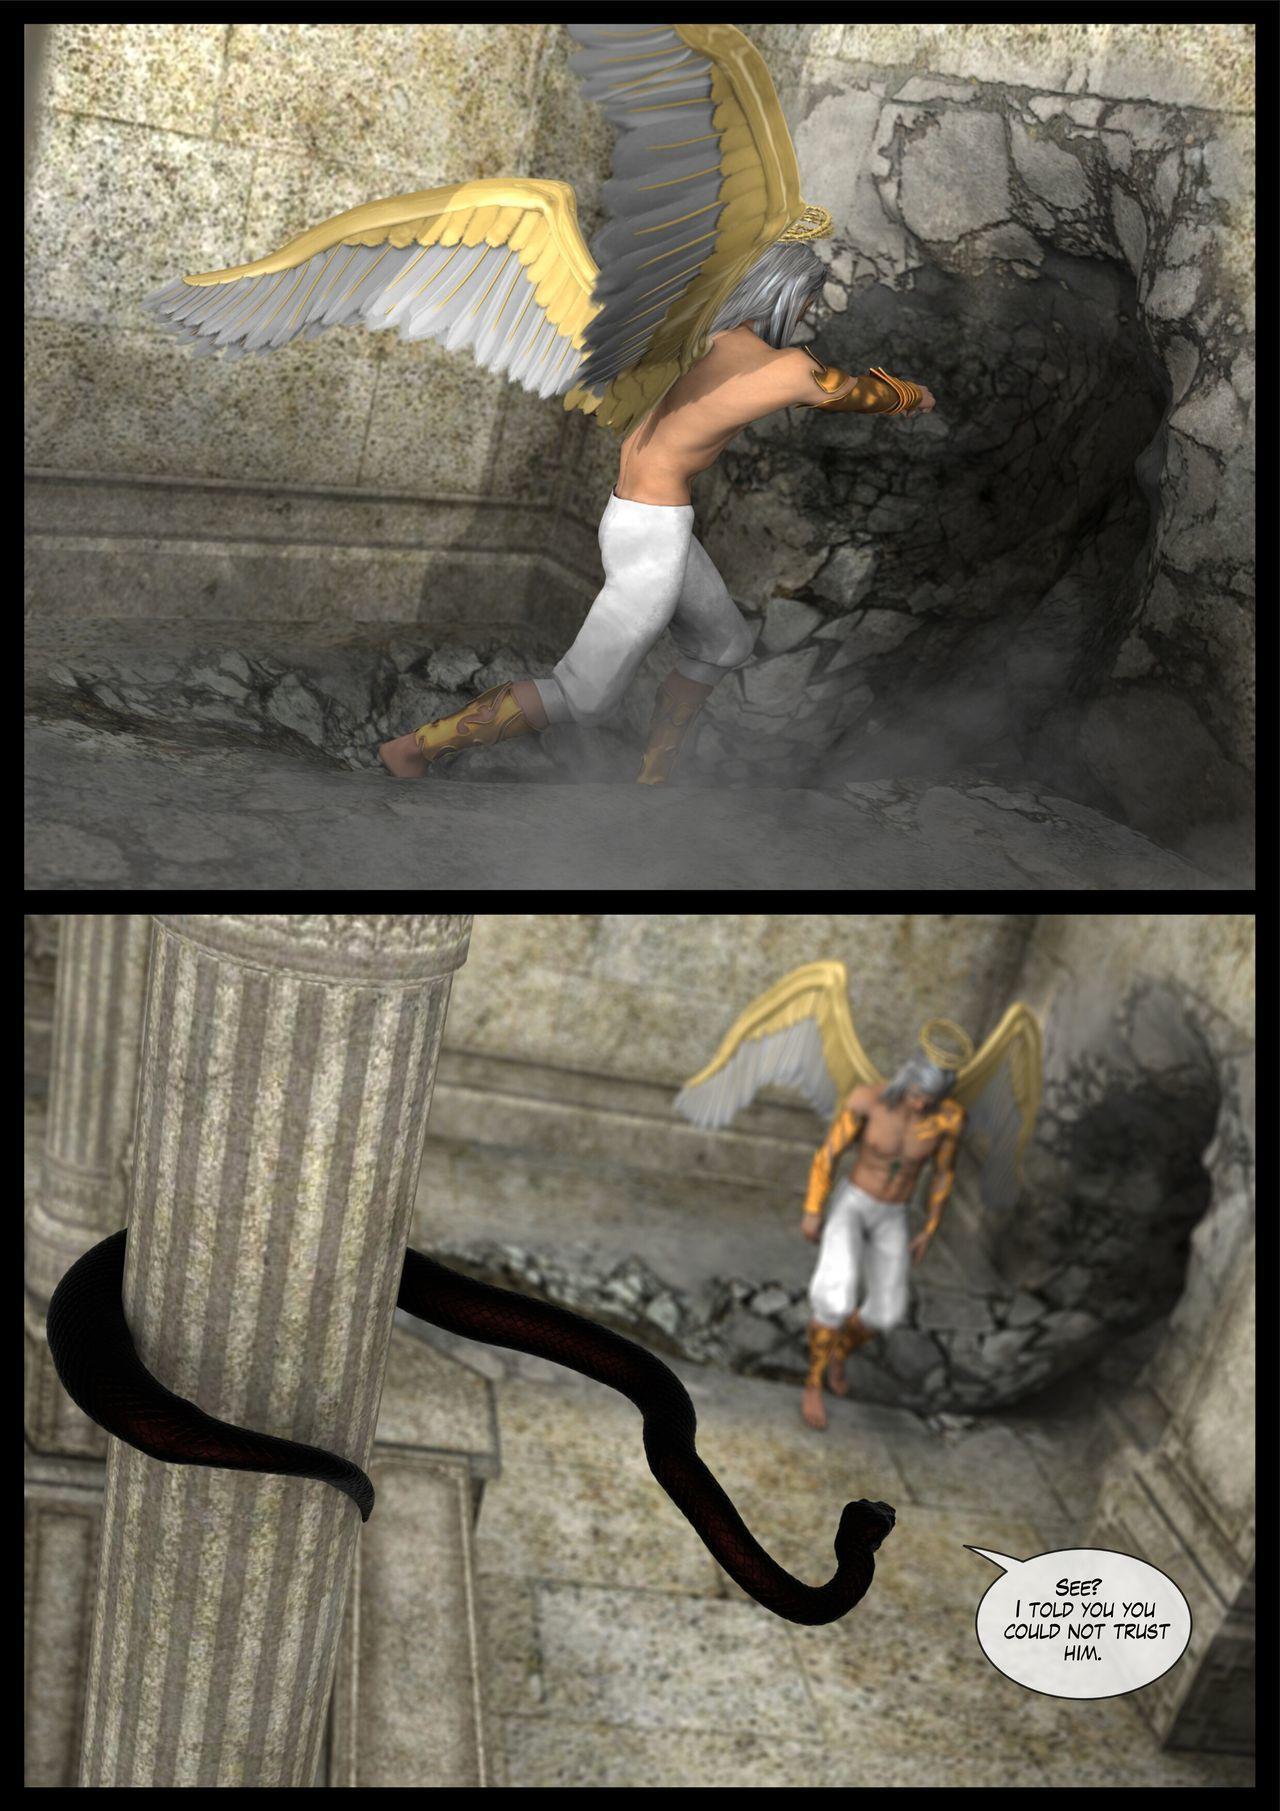 [Shinra-kun] The Fallen Star Ch. 9: Liber Genesis - Part 1 - part 2